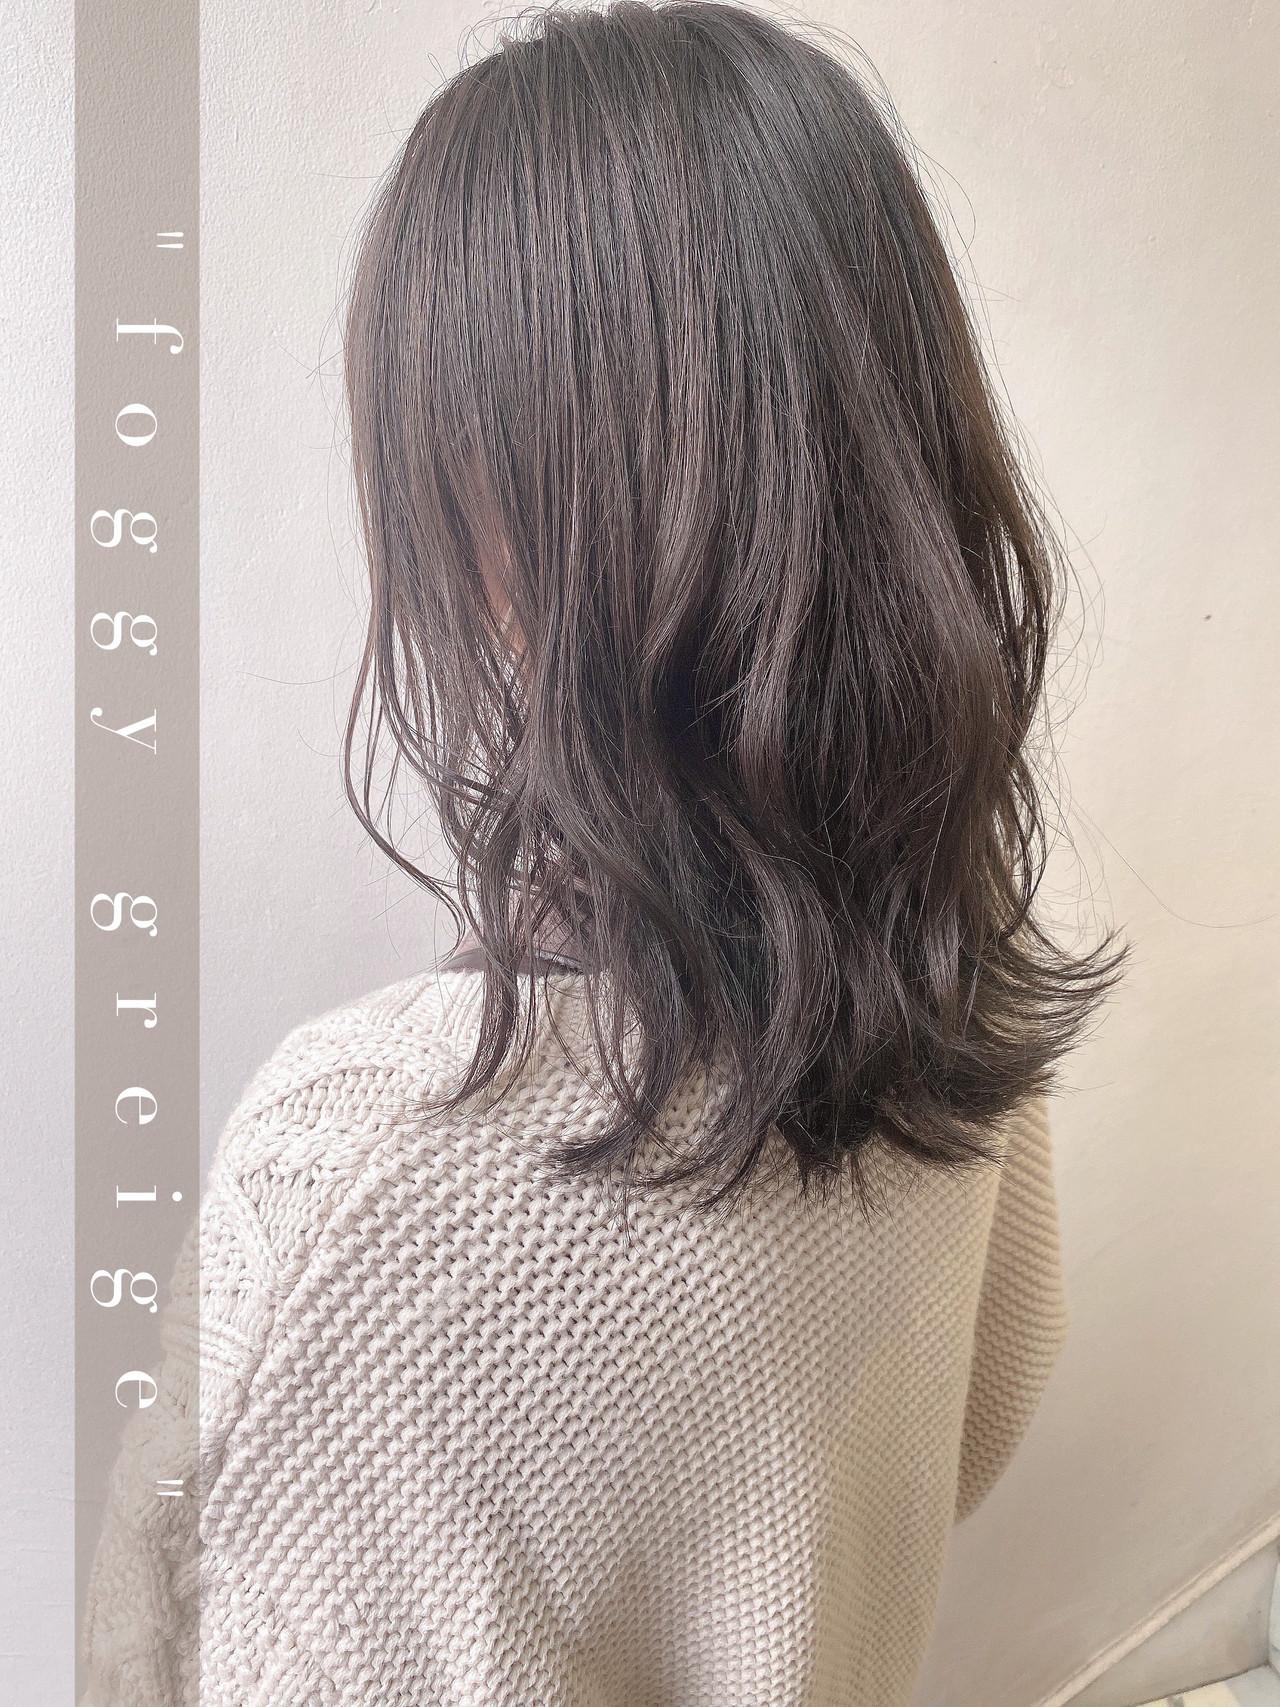 ミディアムレイヤー ミディアム 波巻き フェミニン ヘアスタイルや髪型の写真・画像